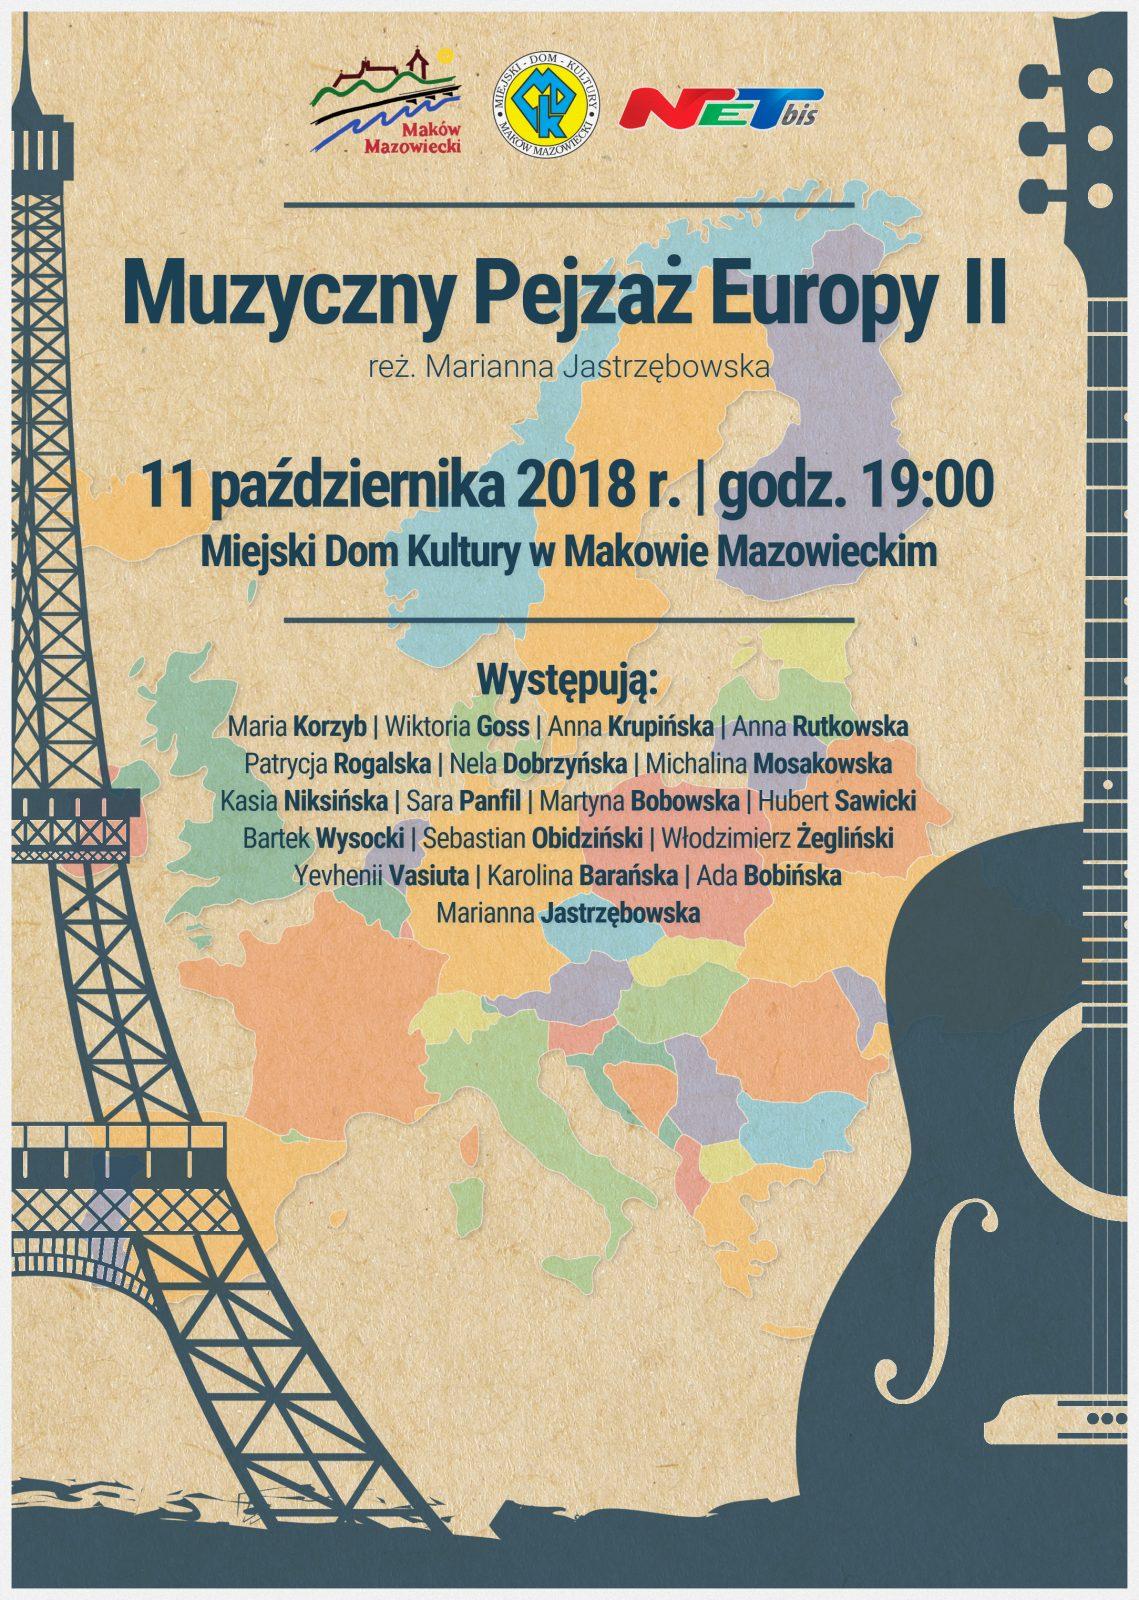 Plakat. Muzyczny pejzaż Europy. 11 października 2018 godzina 19:00